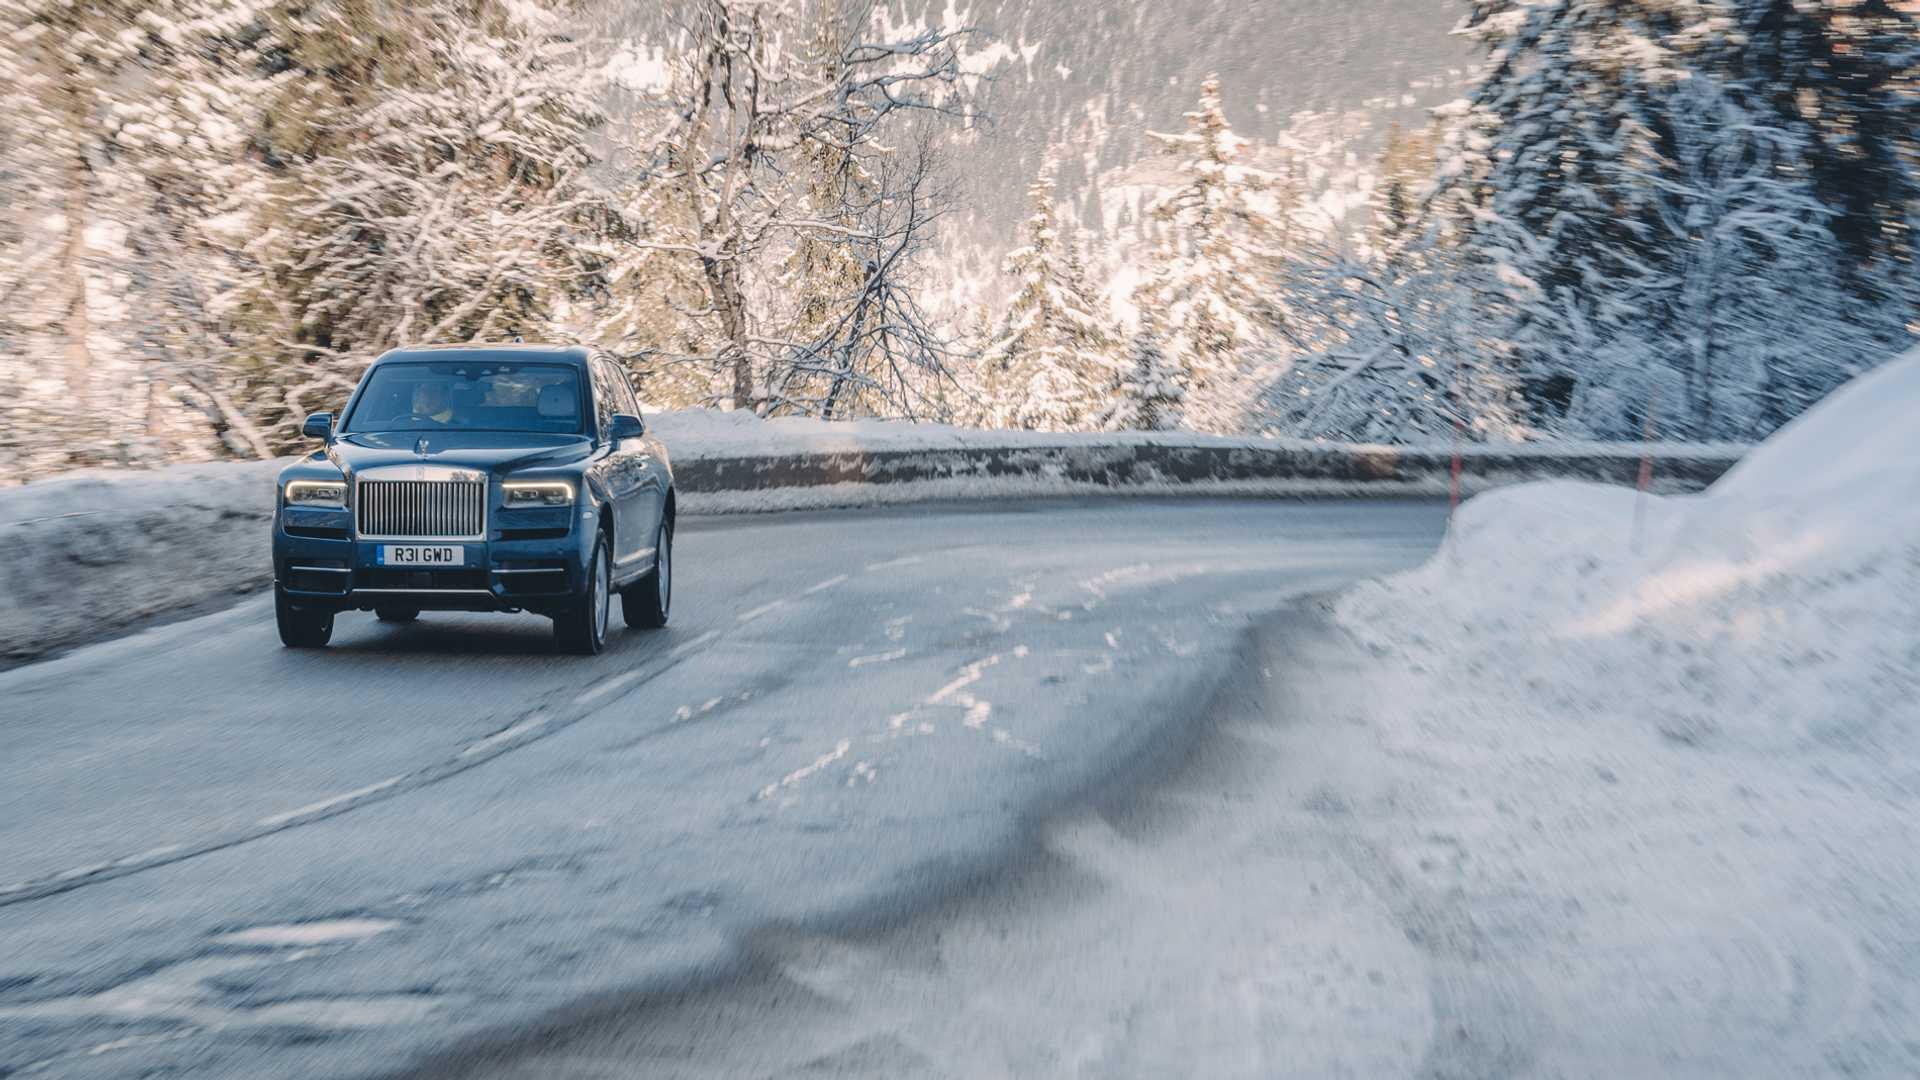 Siêu xe Rolls-Royce Cullian hơn 40 tỷ chỉ để làm taxi